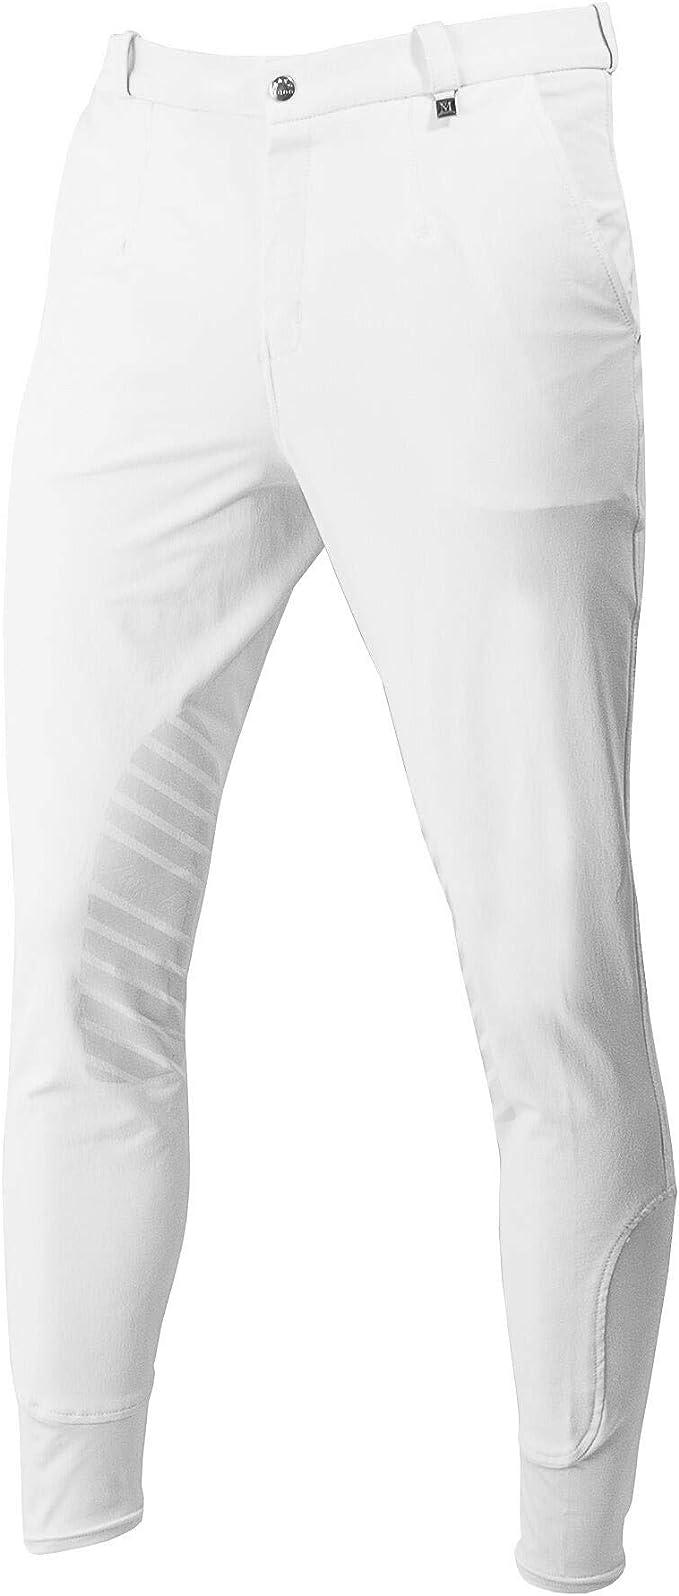 Mark Todd Auckland Homme plis devant Pantalon équitation Culotte-Beige Toutes Les Tailles